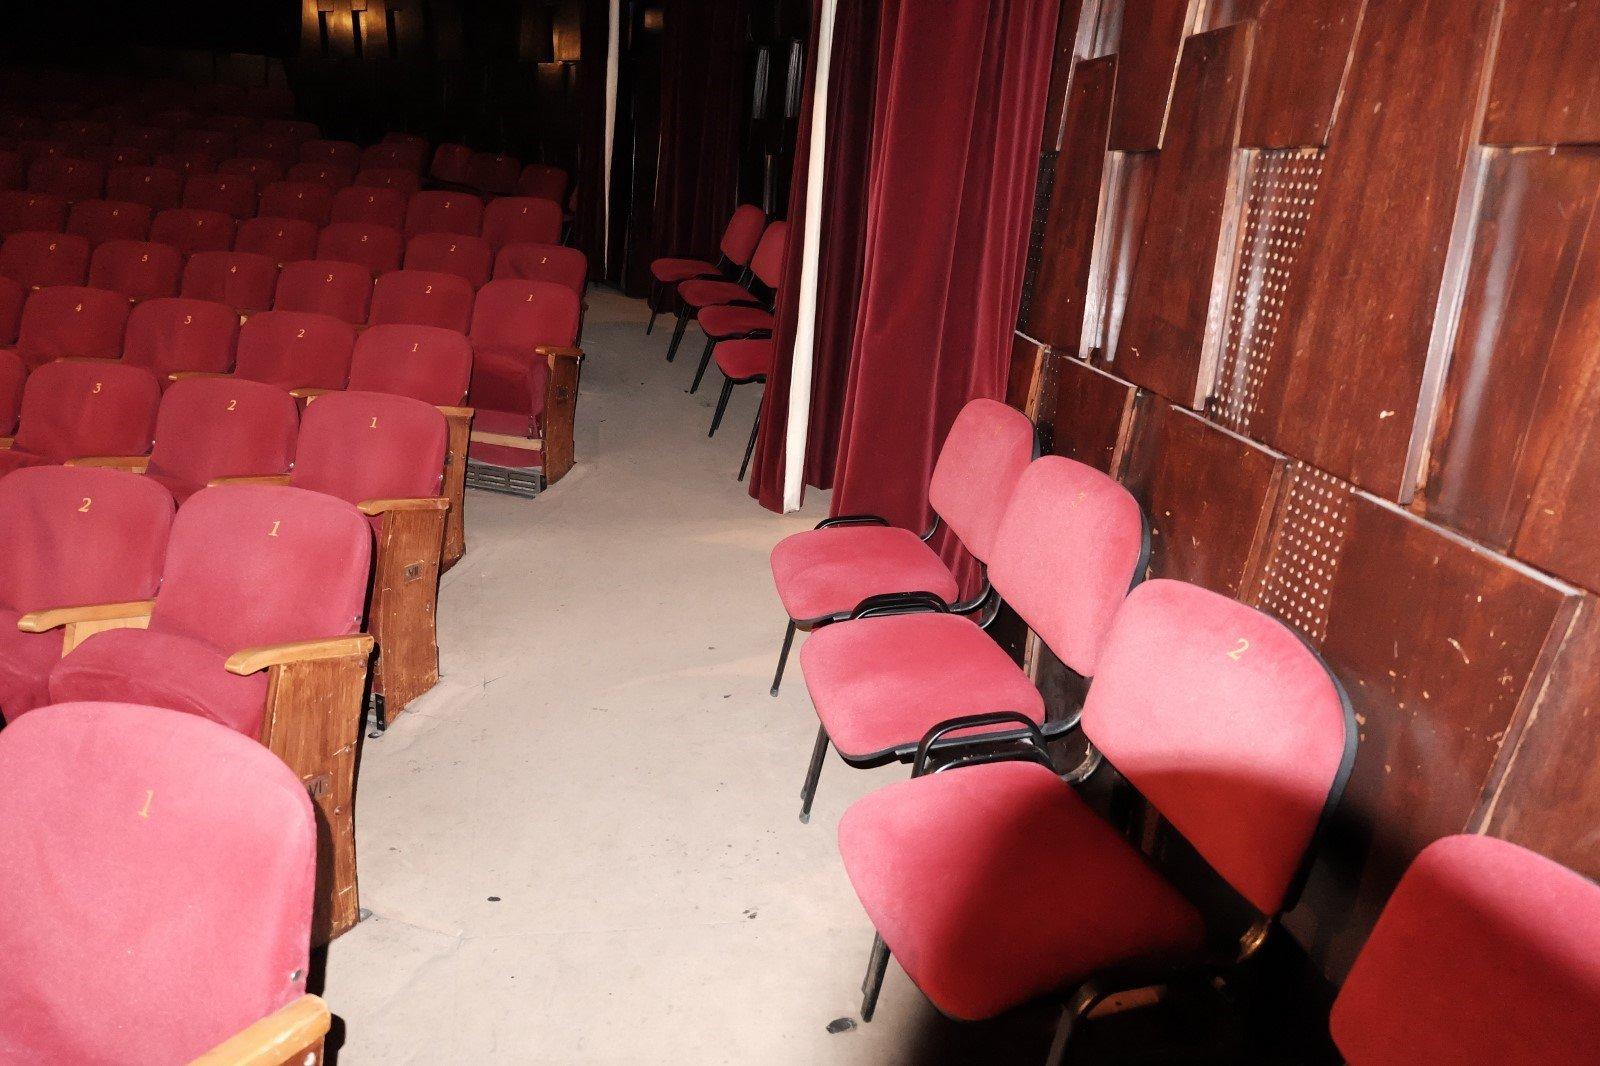 Theatre hall auditorium